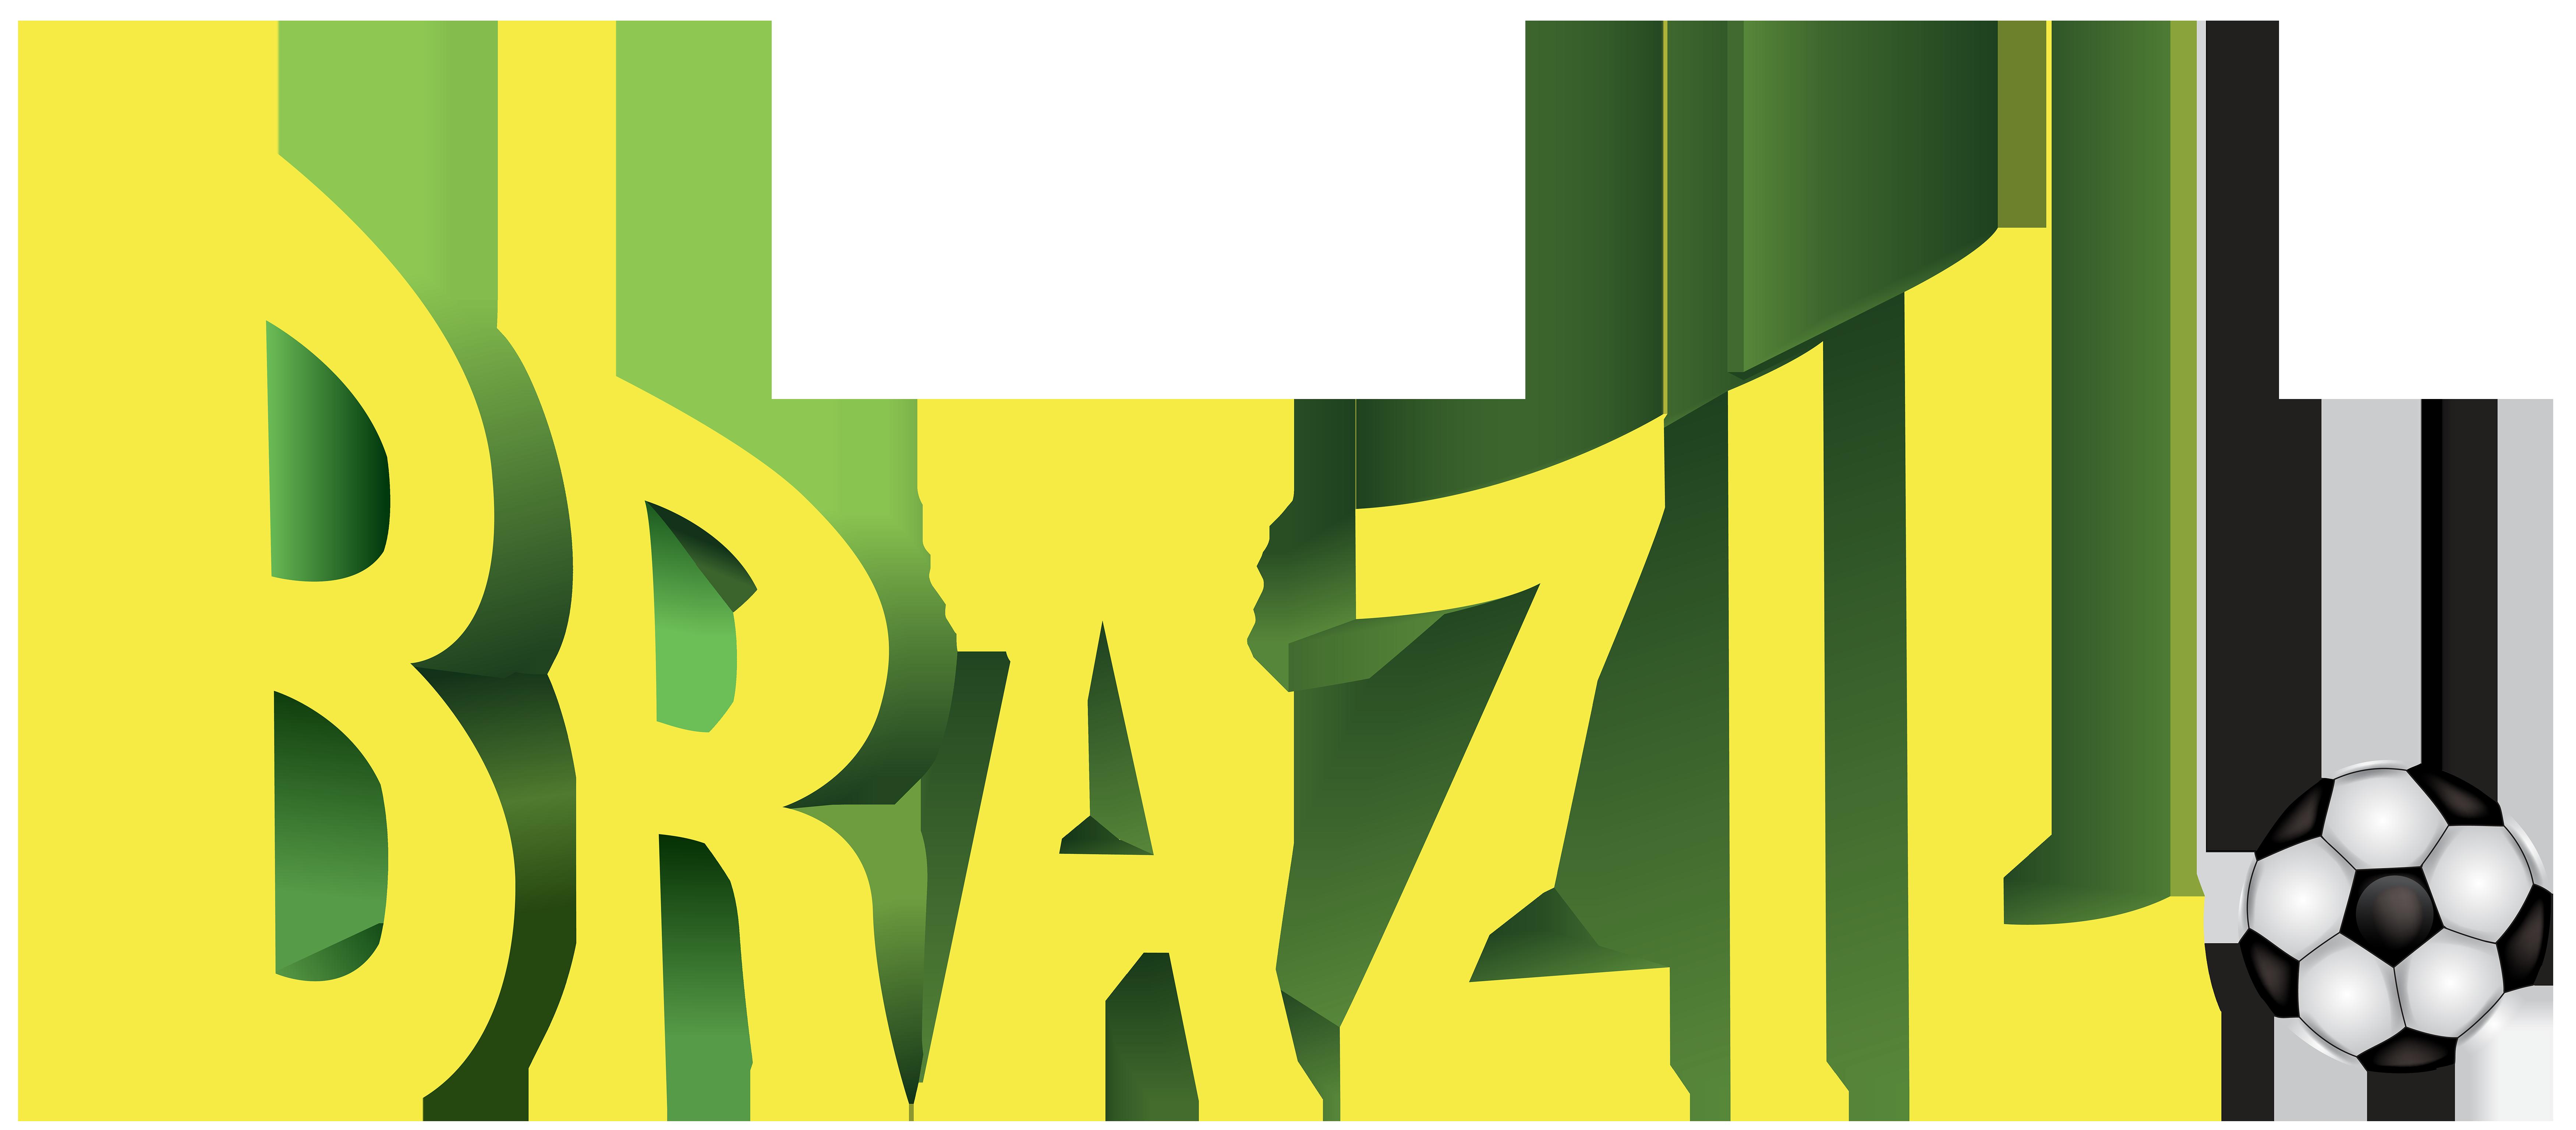 Clipart grass soccer. Brazil national football team